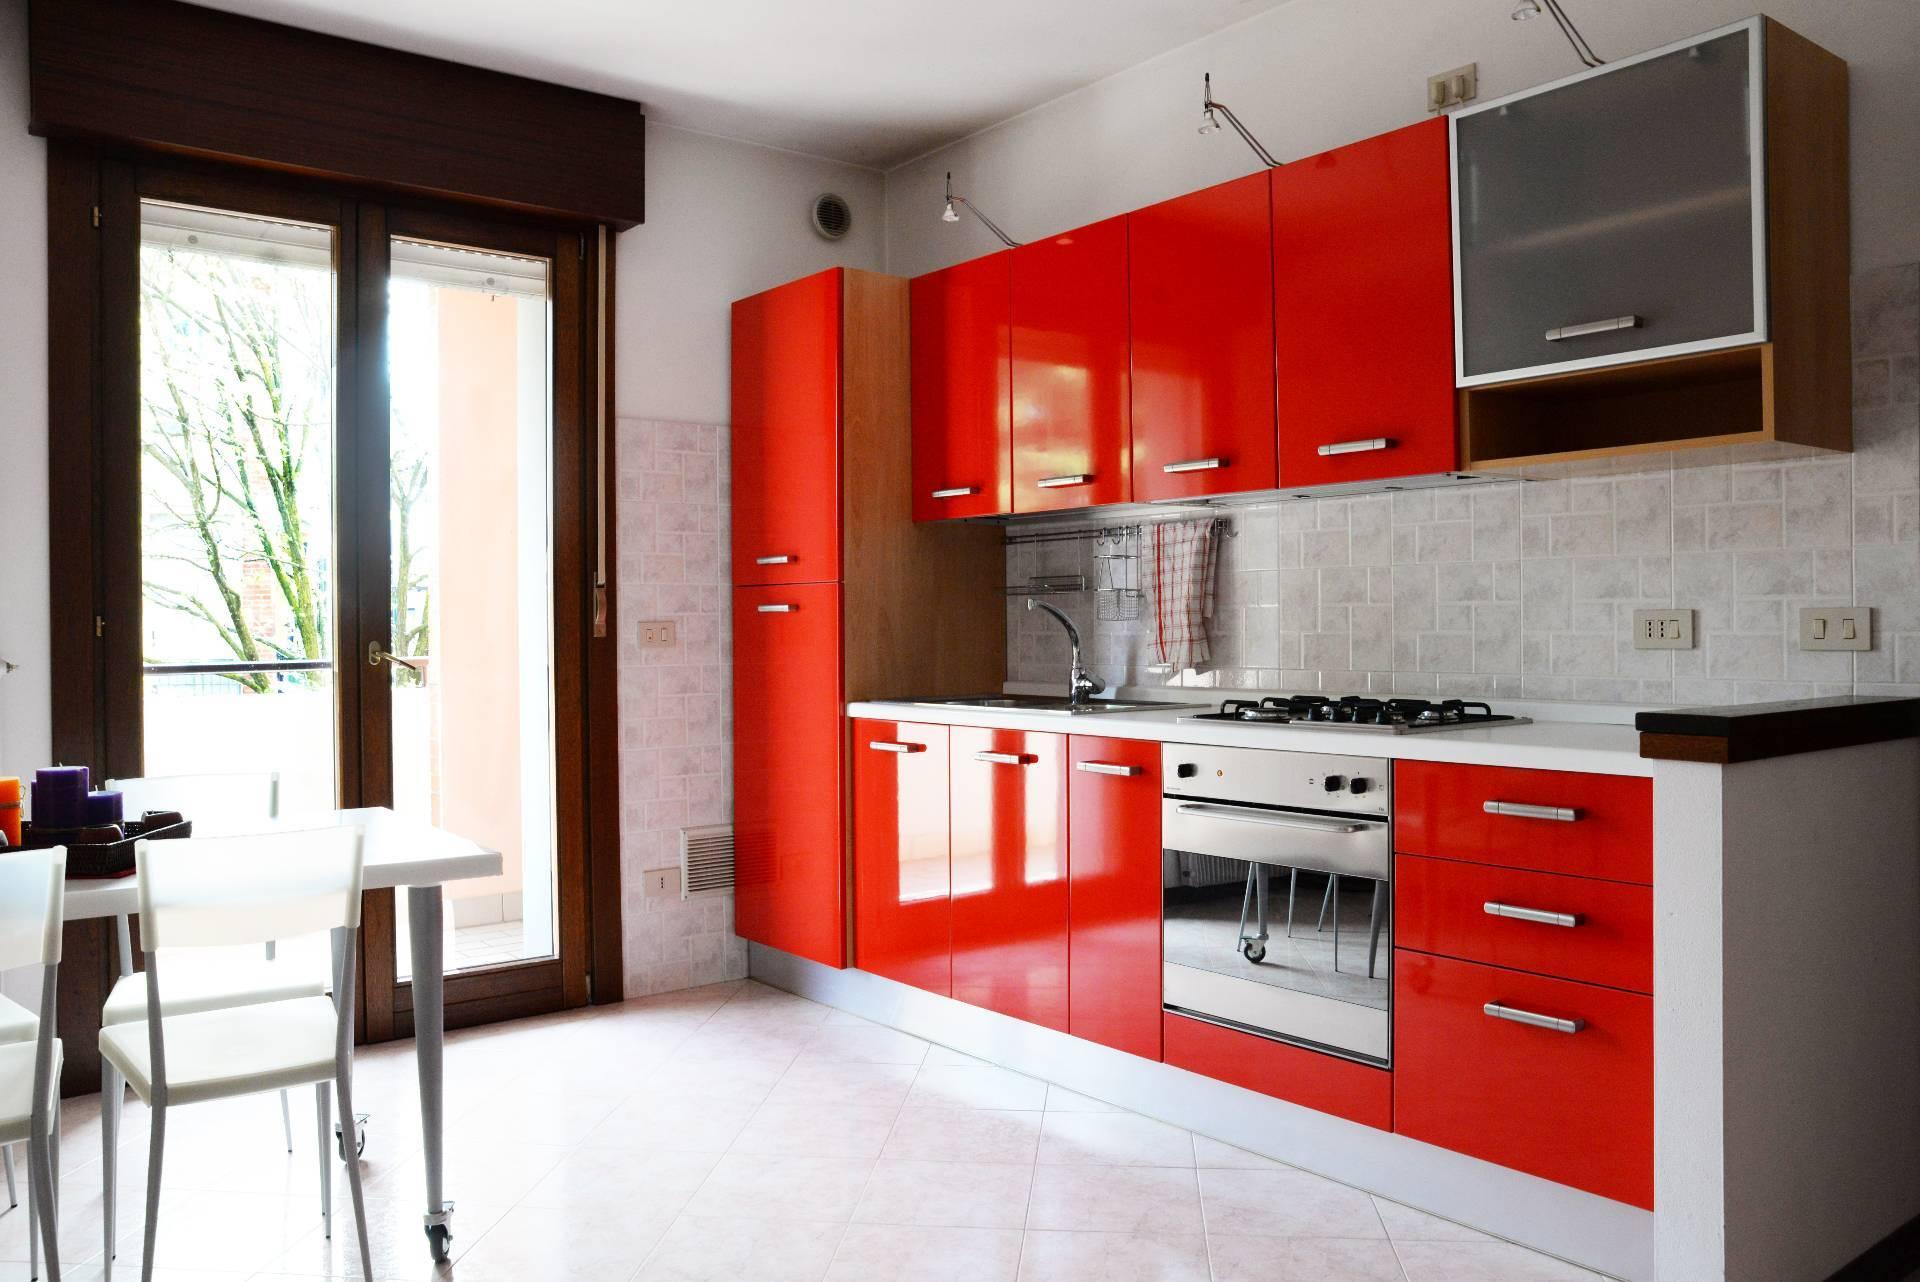 Appartamento in affitto a Udine, 2 locali, zona Località: S.OSVALDO, prezzo € 400   Cambio Casa.it